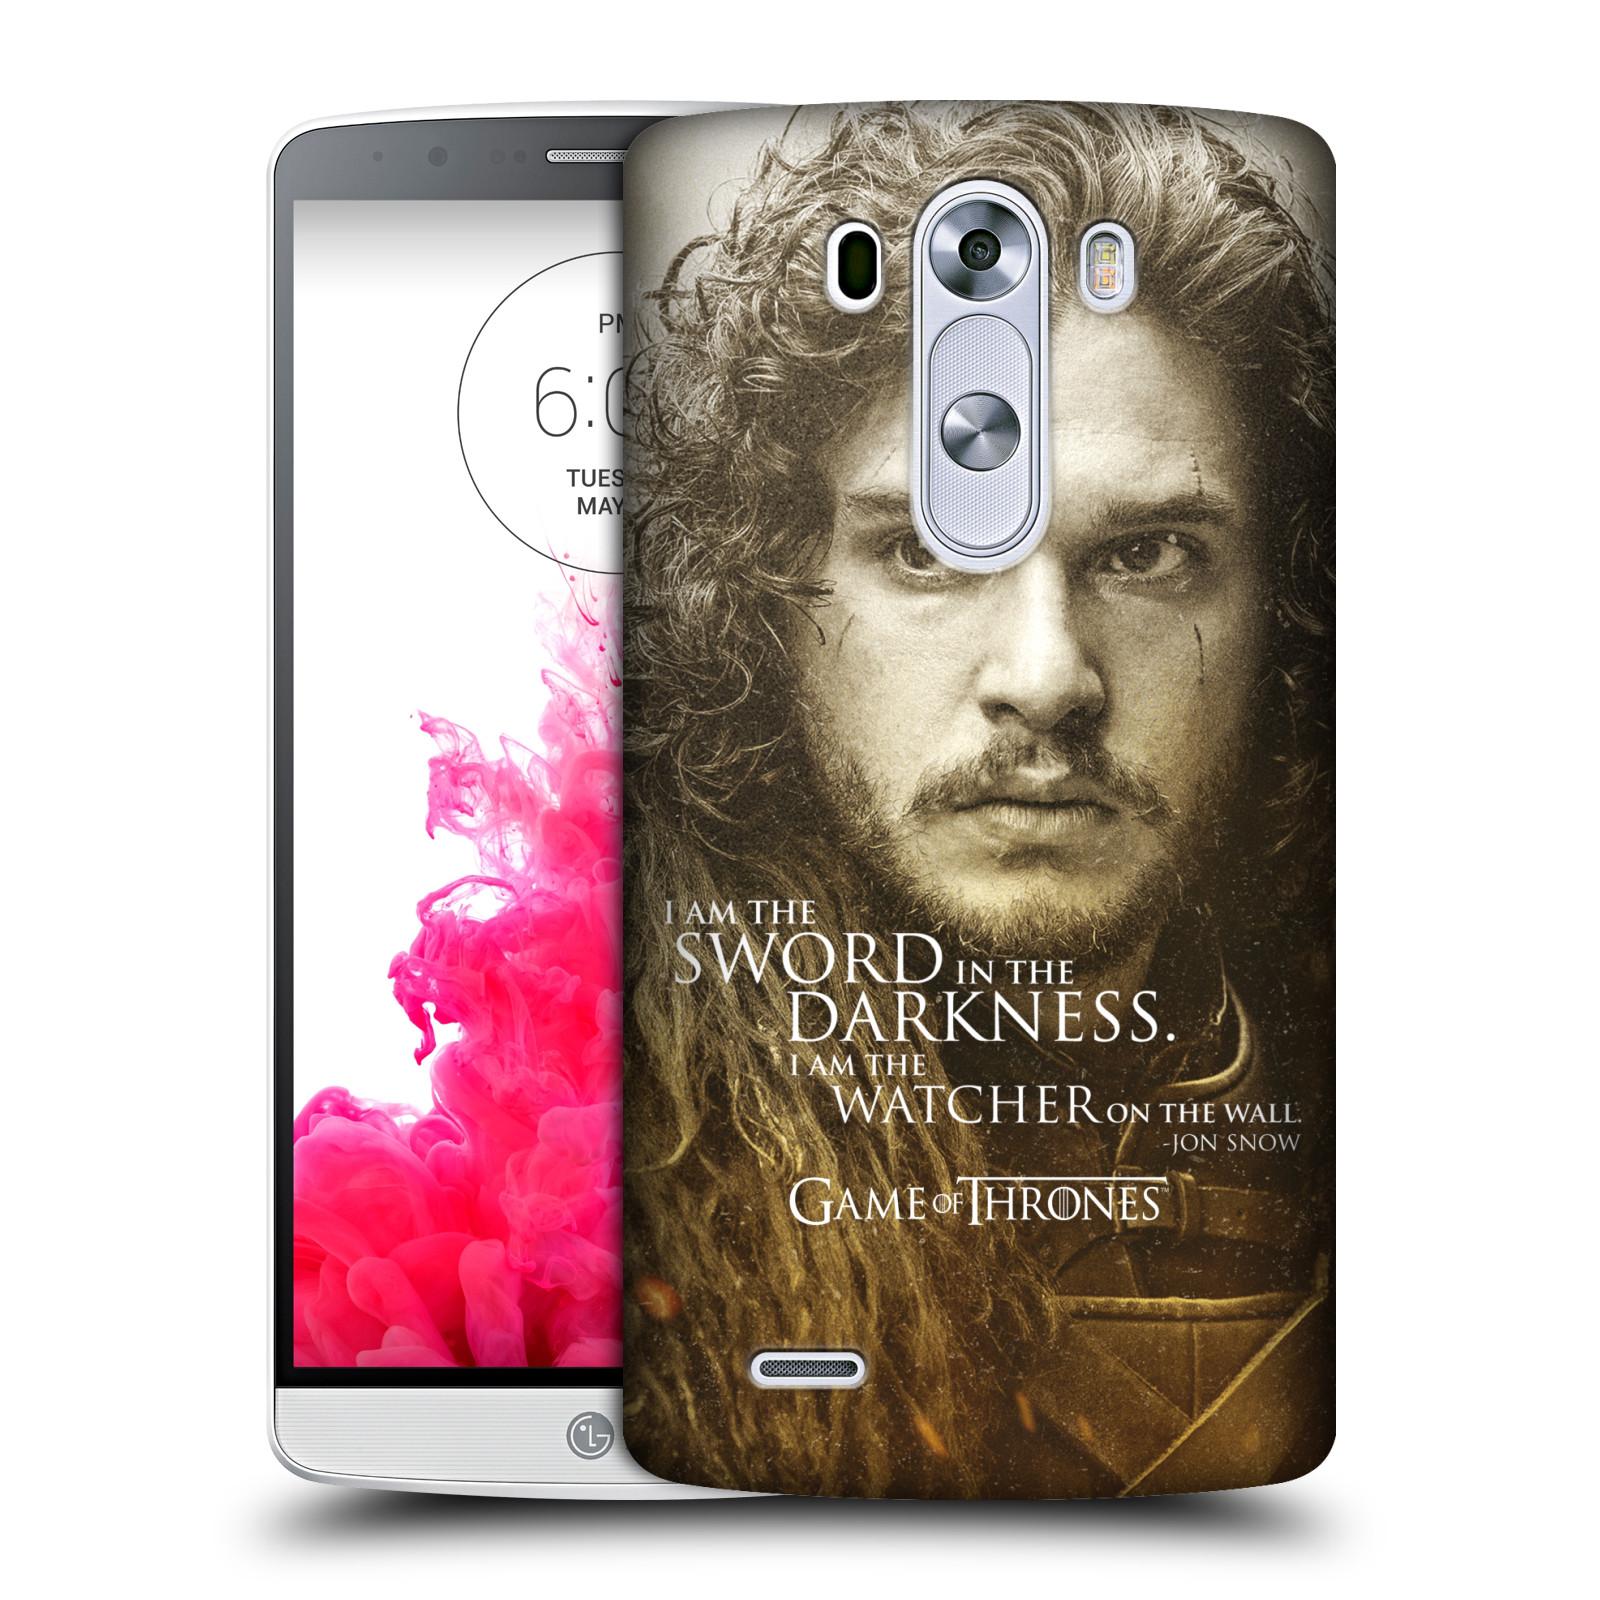 Plastové pouzdro na mobil LG G3 HEAD CASE Hra o trůny - Jon Snow (Plastový kryt či obal na mobilní telefon s licencovaným motivem Hra o trůny - Game Of Thrones pro LG G3)